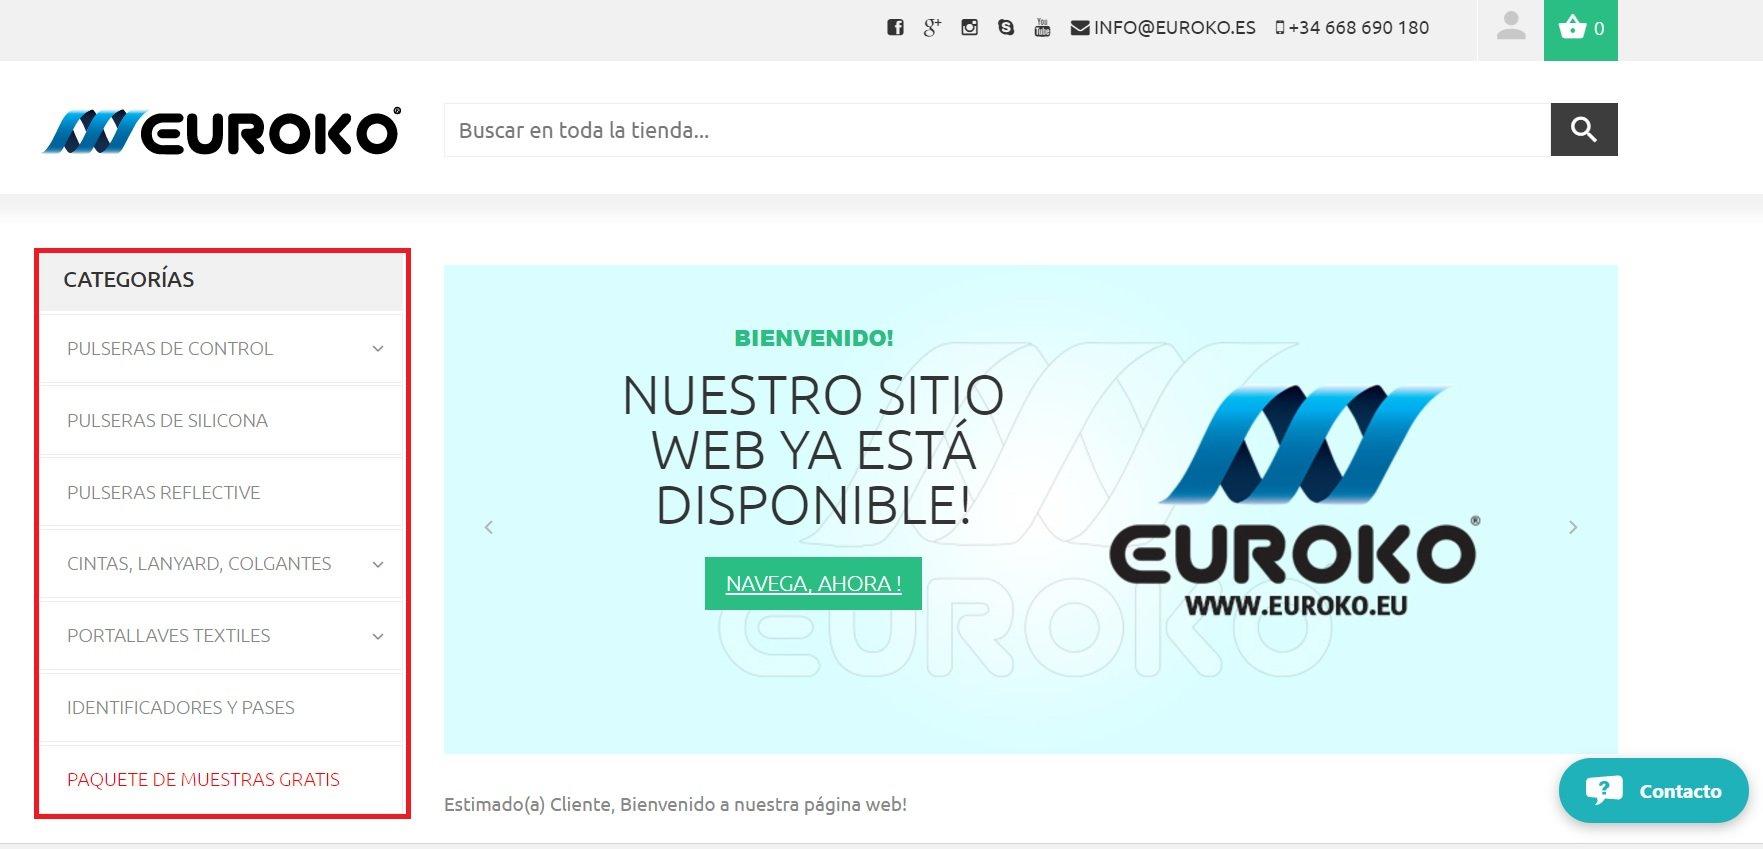 categoria de la págian euroko.es